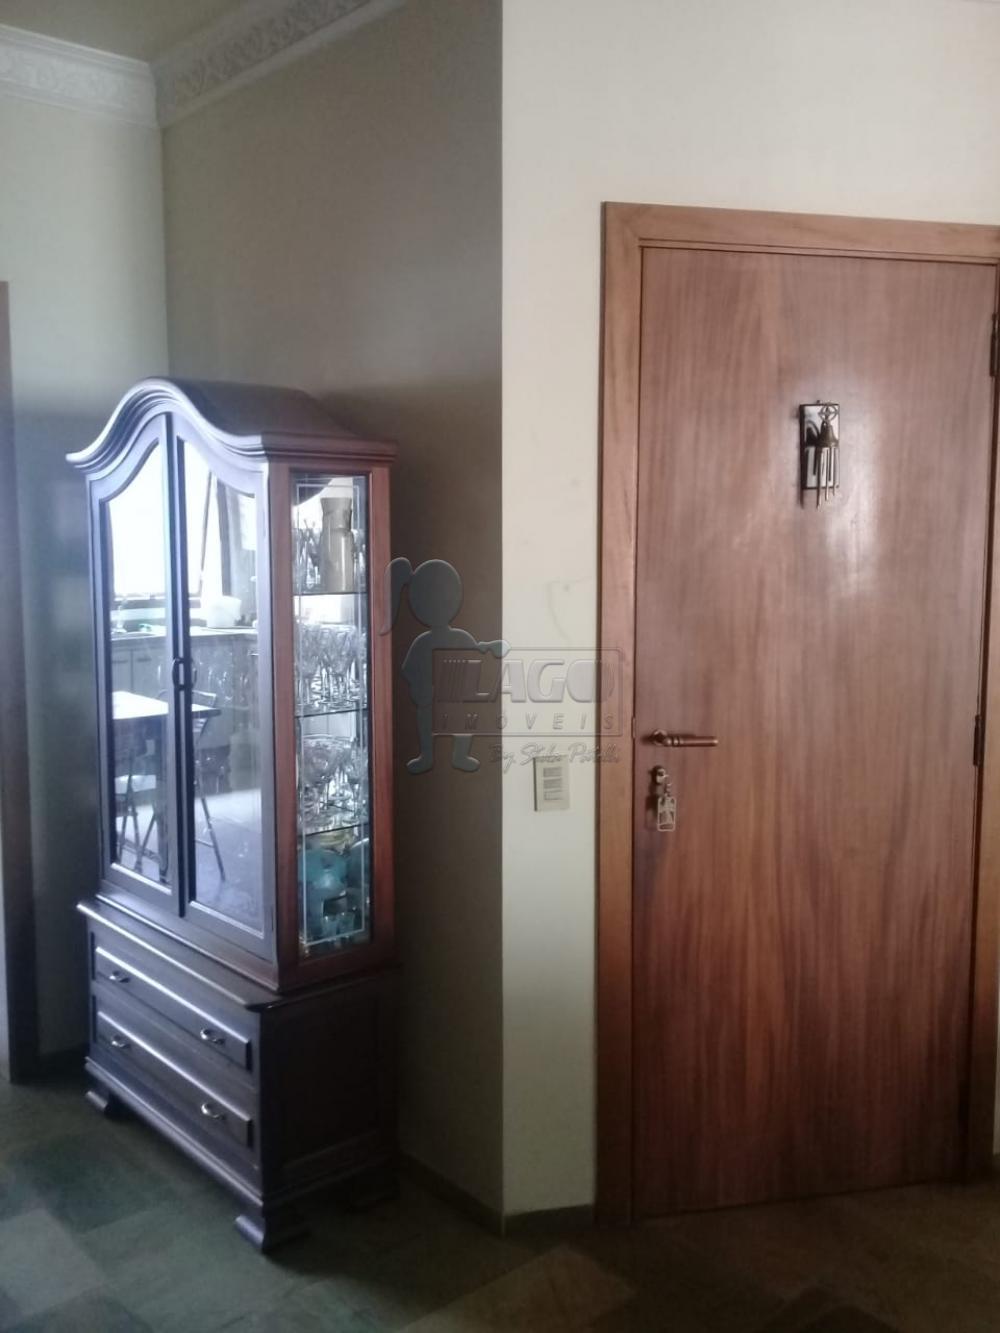 Alugar Apartamento / Padrão em Ribeirão Preto apenas R$ 1.200,00 - Foto 3